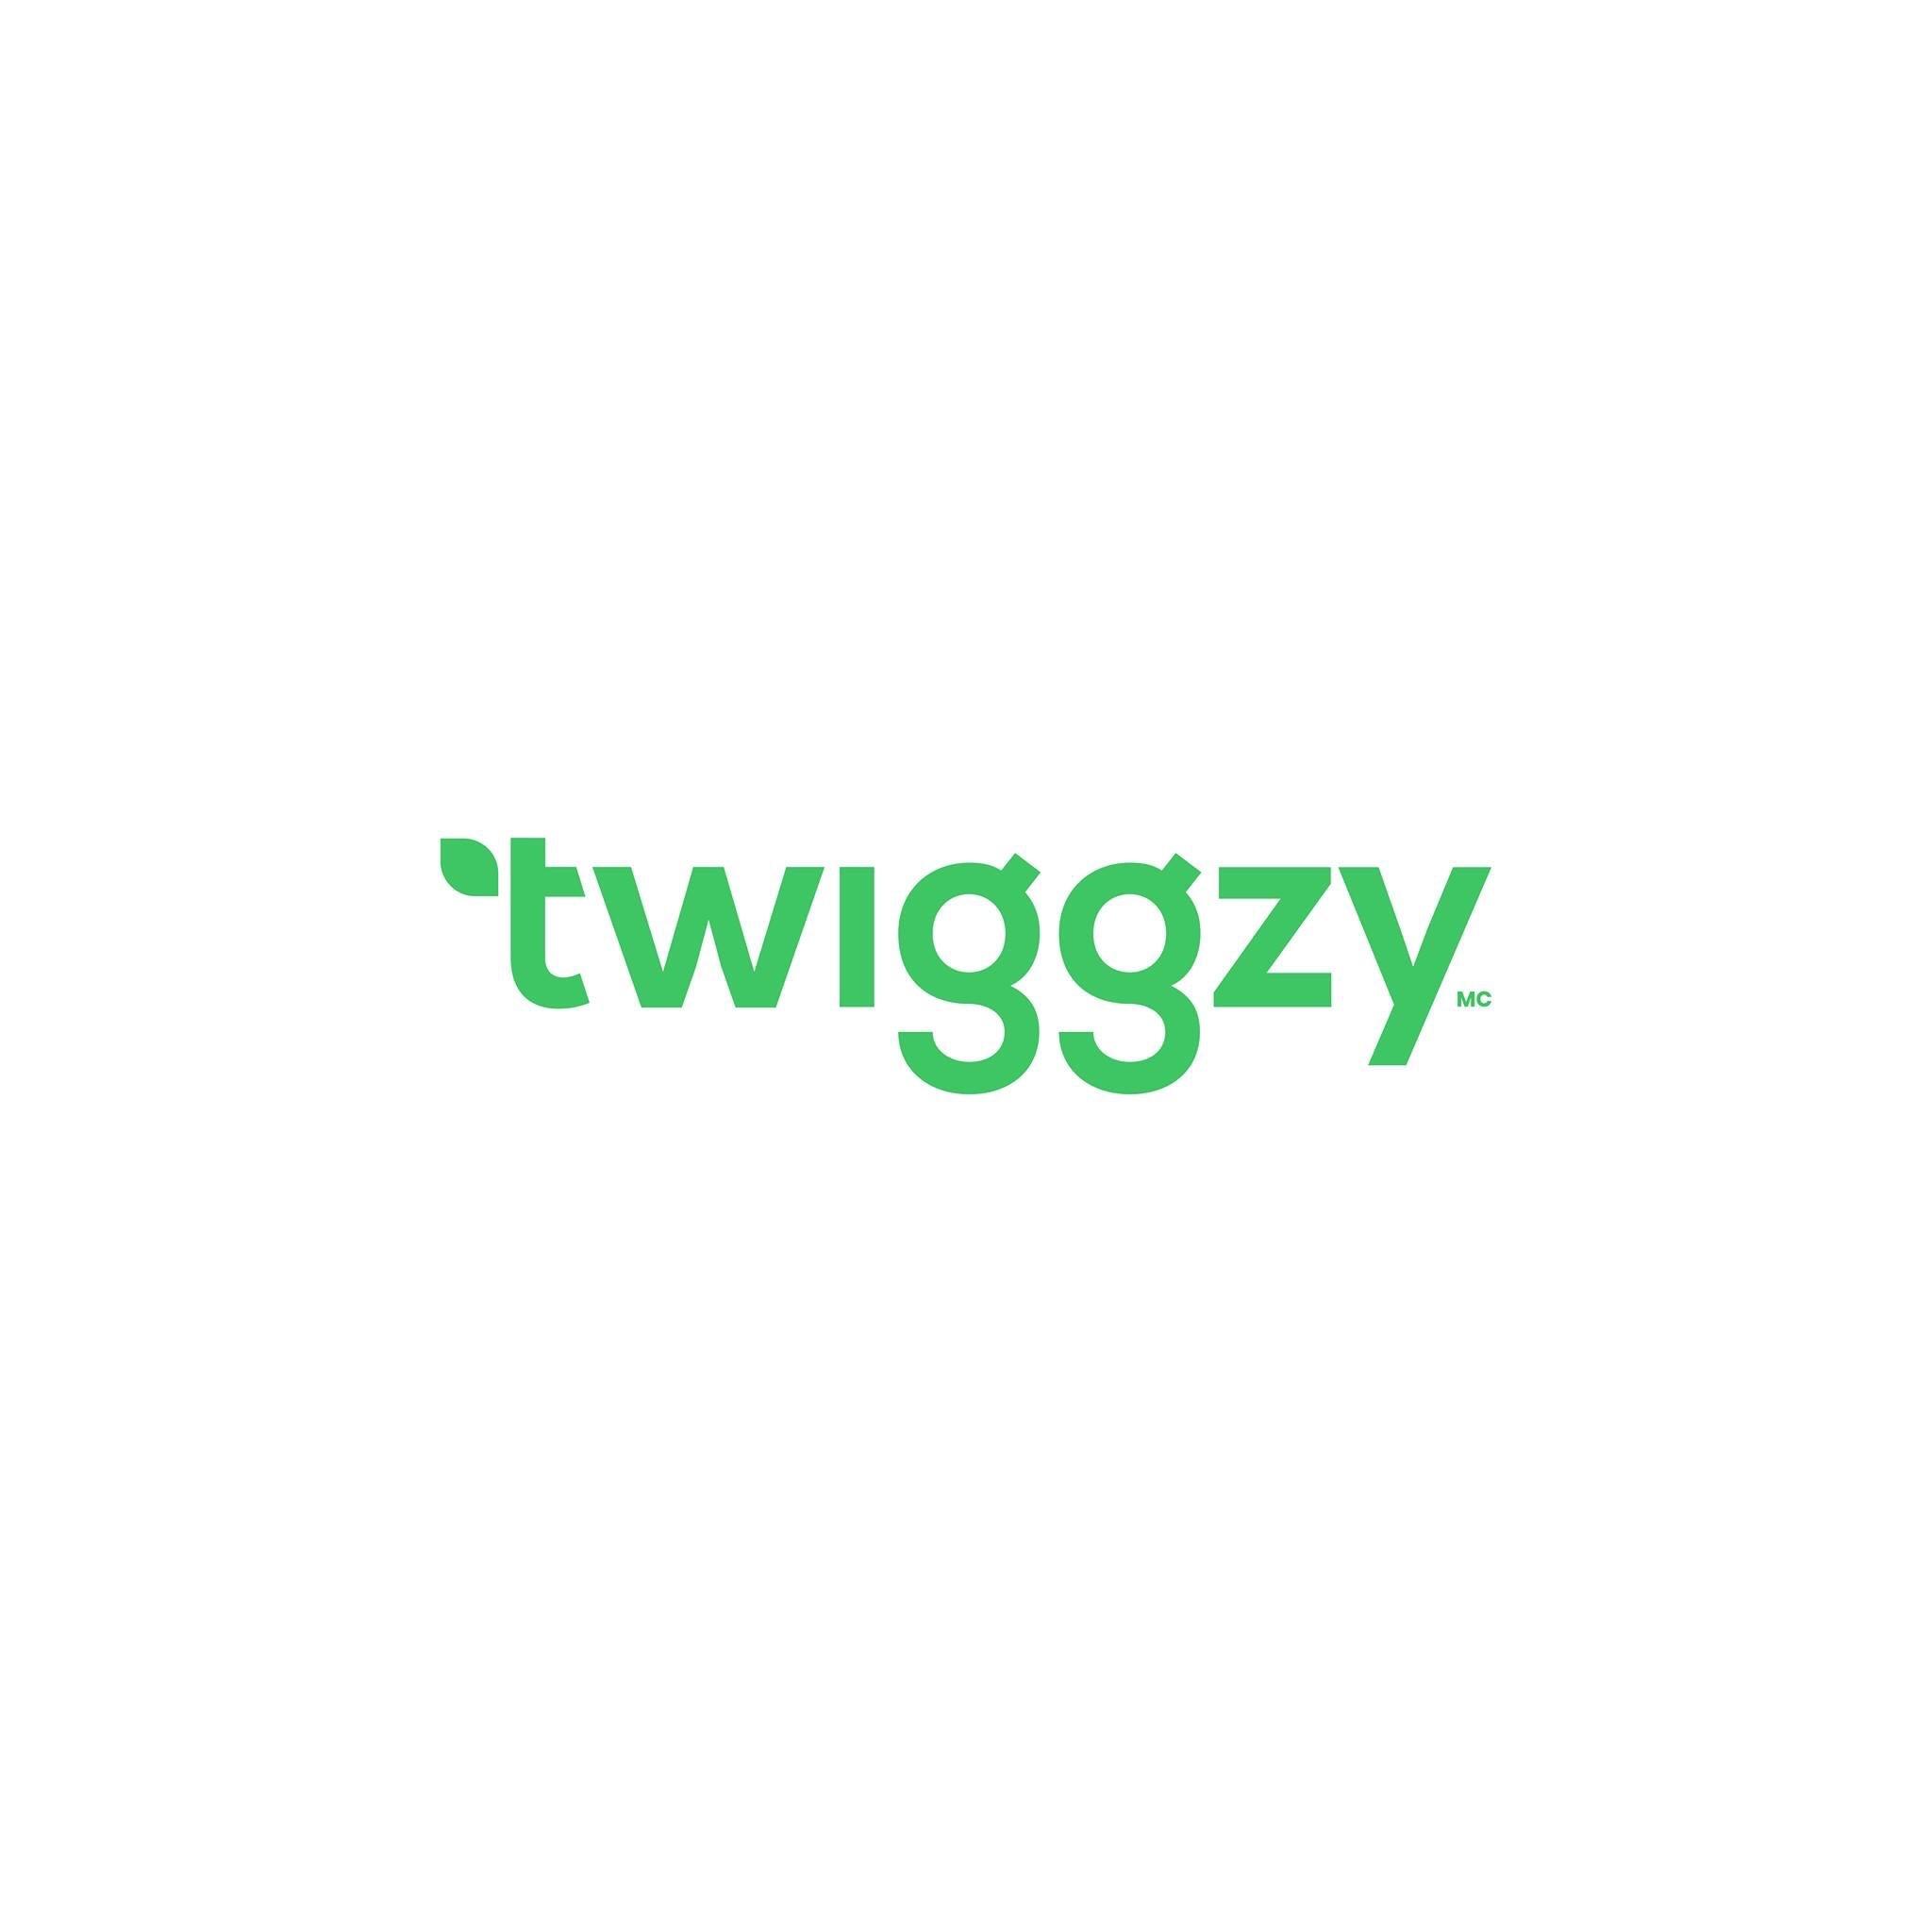 Twiggzy logo